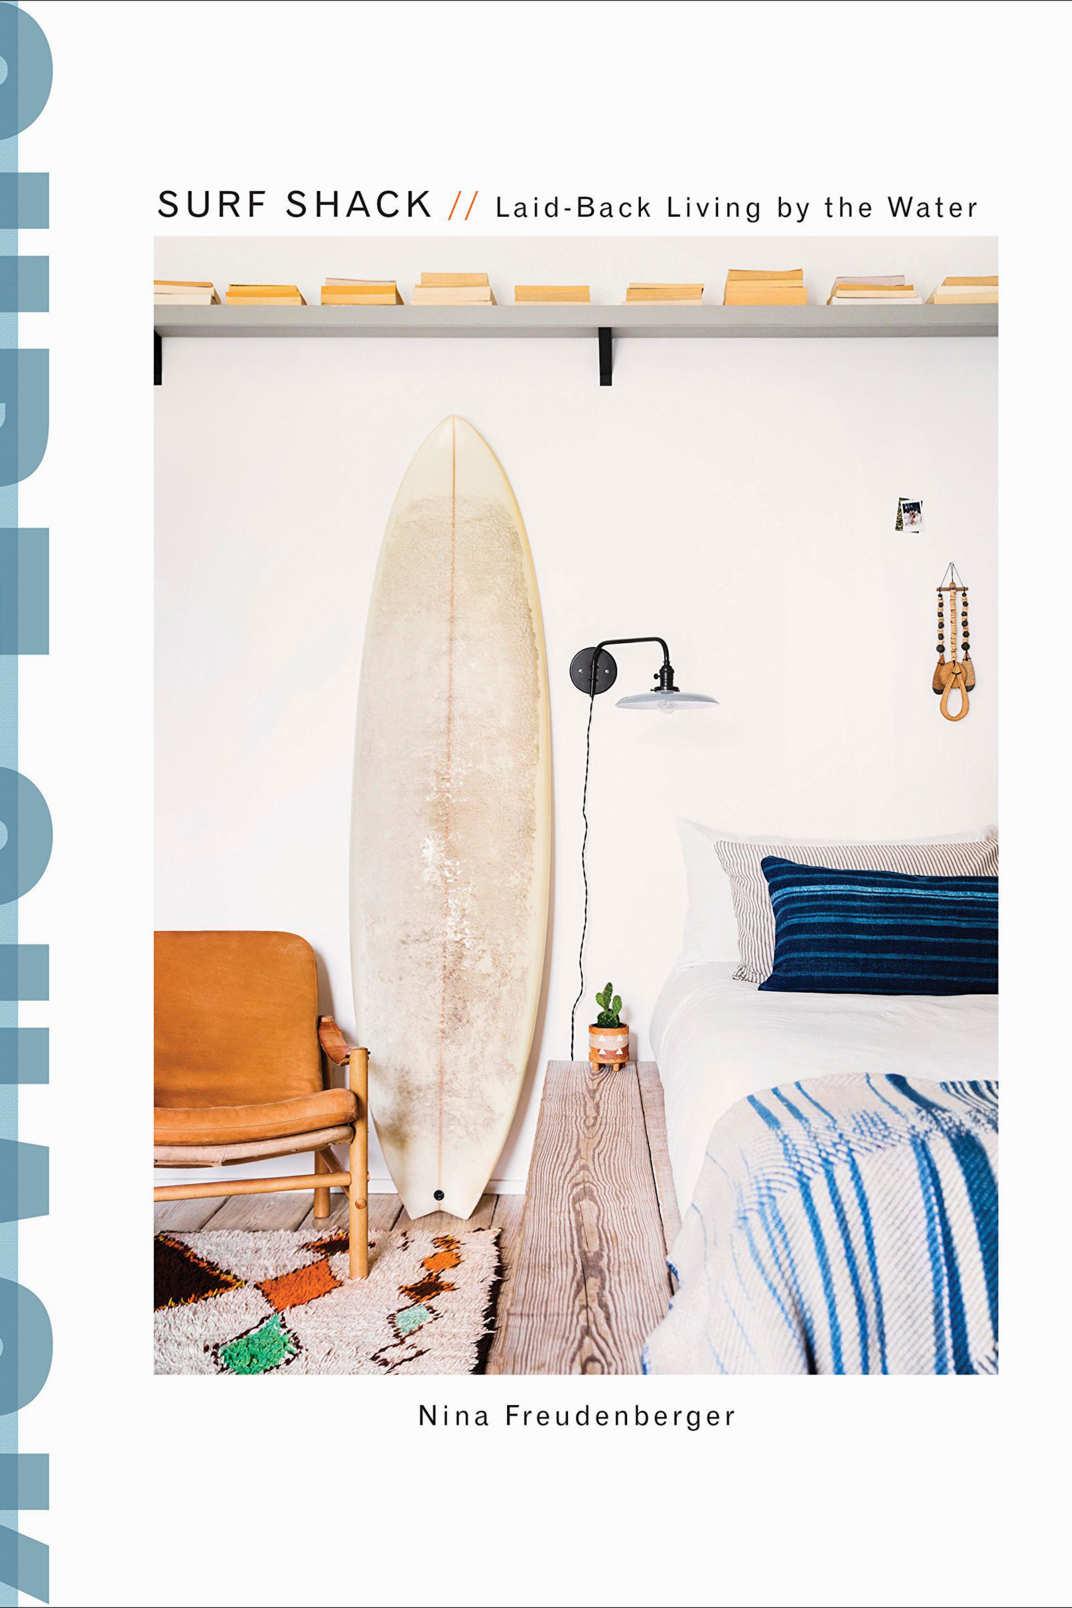 <em>Surf Shack: Laid-Back Living by the Water</em>, by Nina Freudenberger